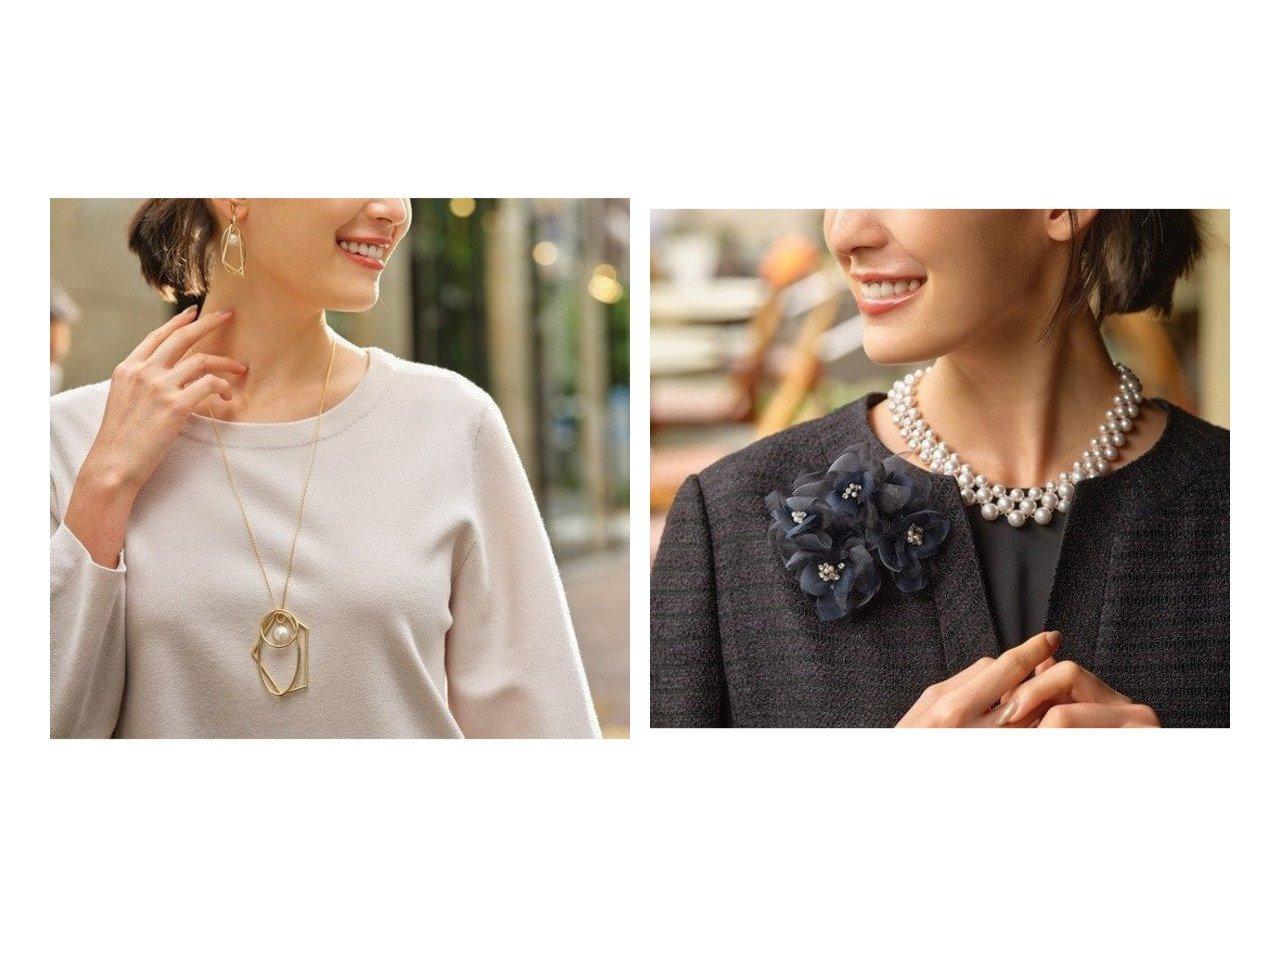 【JIYU-KU/自由区】のパールモチーフ グラデーション ネックレス&マルチウェイ イヤリング アクセサリー・ジュエリーのおすすめ!人気、トレンド・レディースファッションの通販 おすすめで人気の流行・トレンド、ファッションの通販商品 メンズファッション・キッズファッション・インテリア・家具・レディースファッション・服の通販 founy(ファニー) https://founy.com/ ファッション Fashion レディースファッション WOMEN ジュエリー Jewelry リング Rings イヤリング Earrings ネックレス Necklaces 送料無料 Free Shipping アクリル イヤリング ネックレス パール モチーフ ガラス グラデーション 雑誌 |ID:crp329100000012099